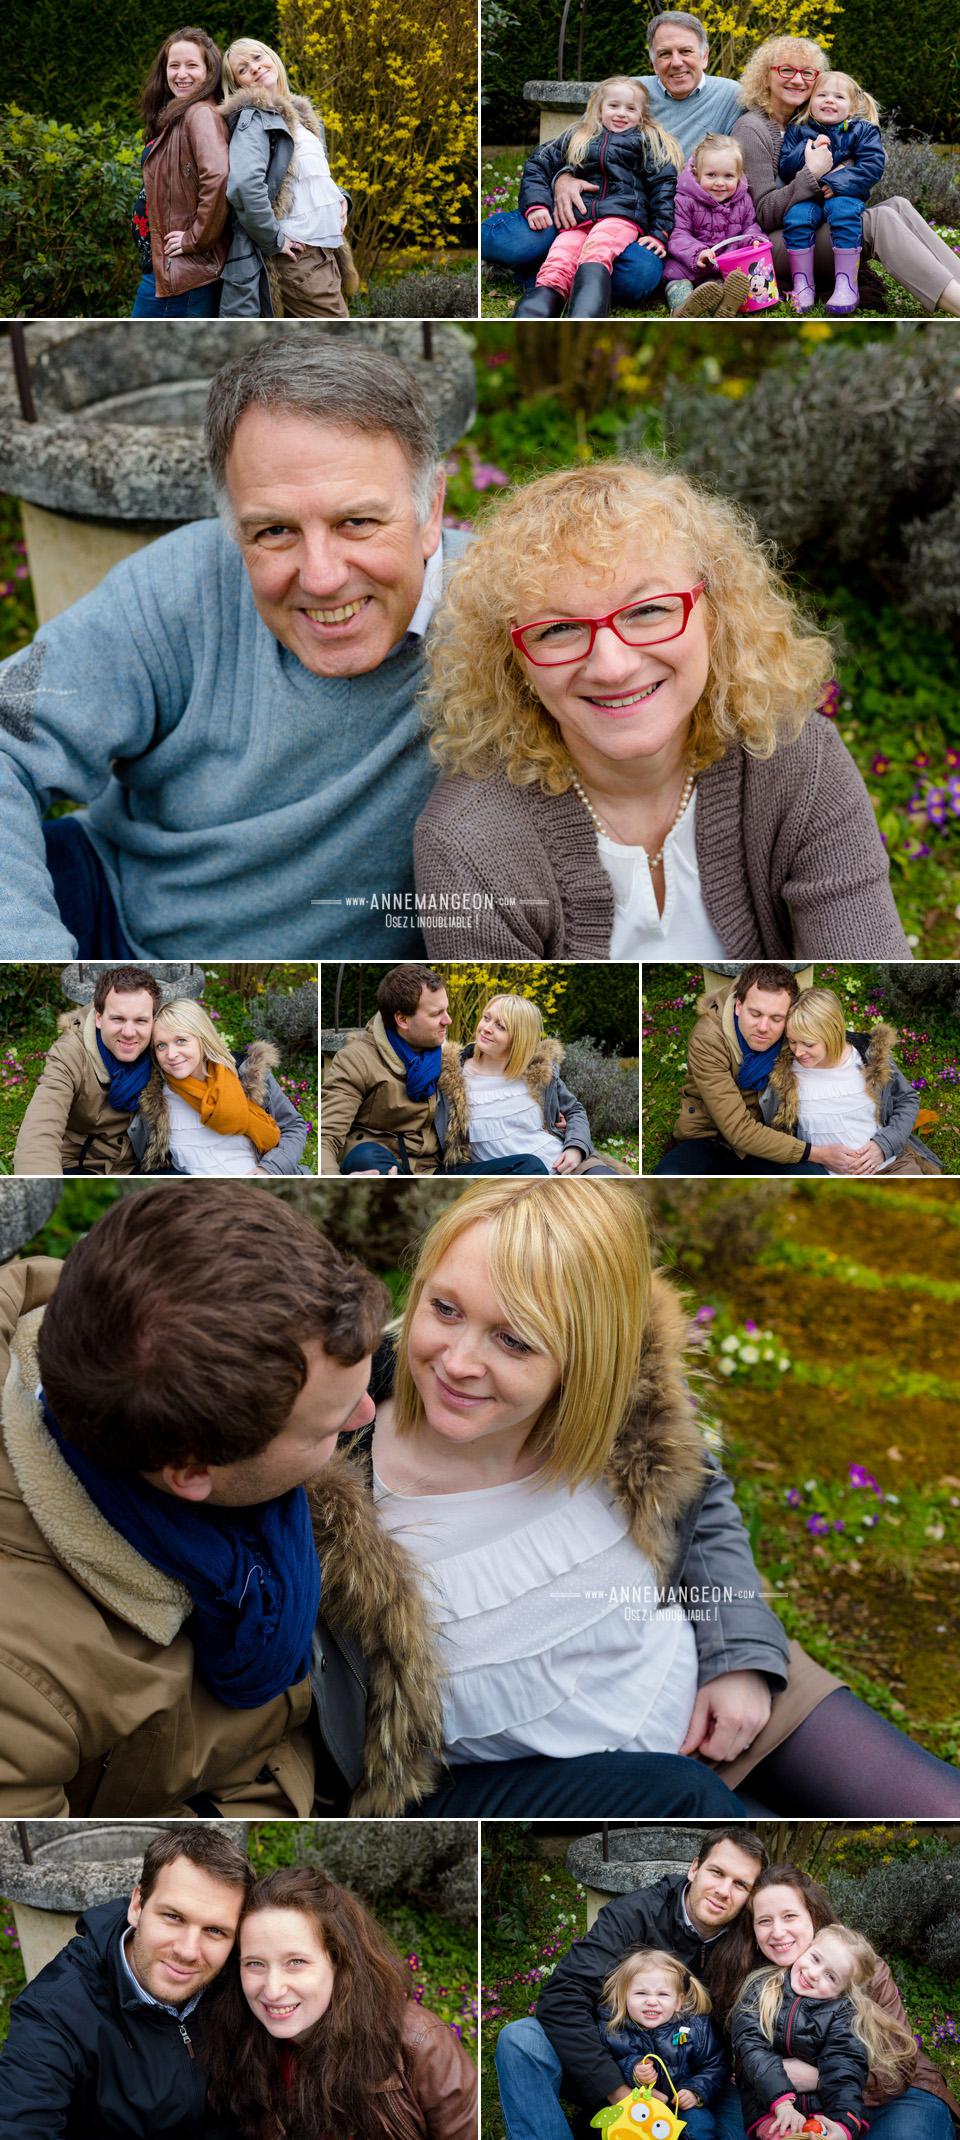 Séance Famille 3 générations Metz @ Anne Mangeon Photoraphe_04